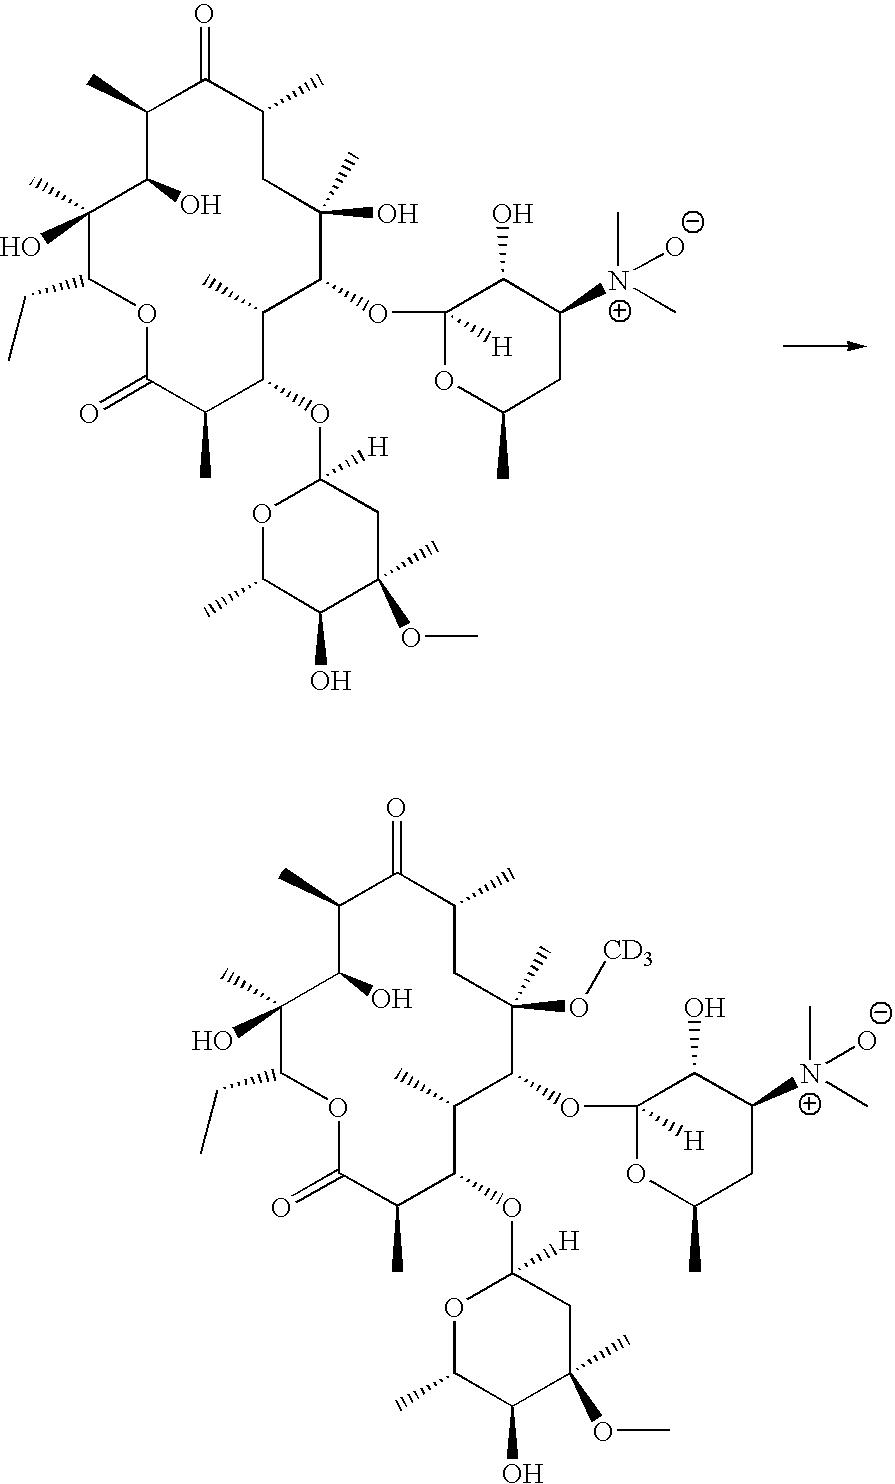 Figure US20070281894A1-20071206-C00030